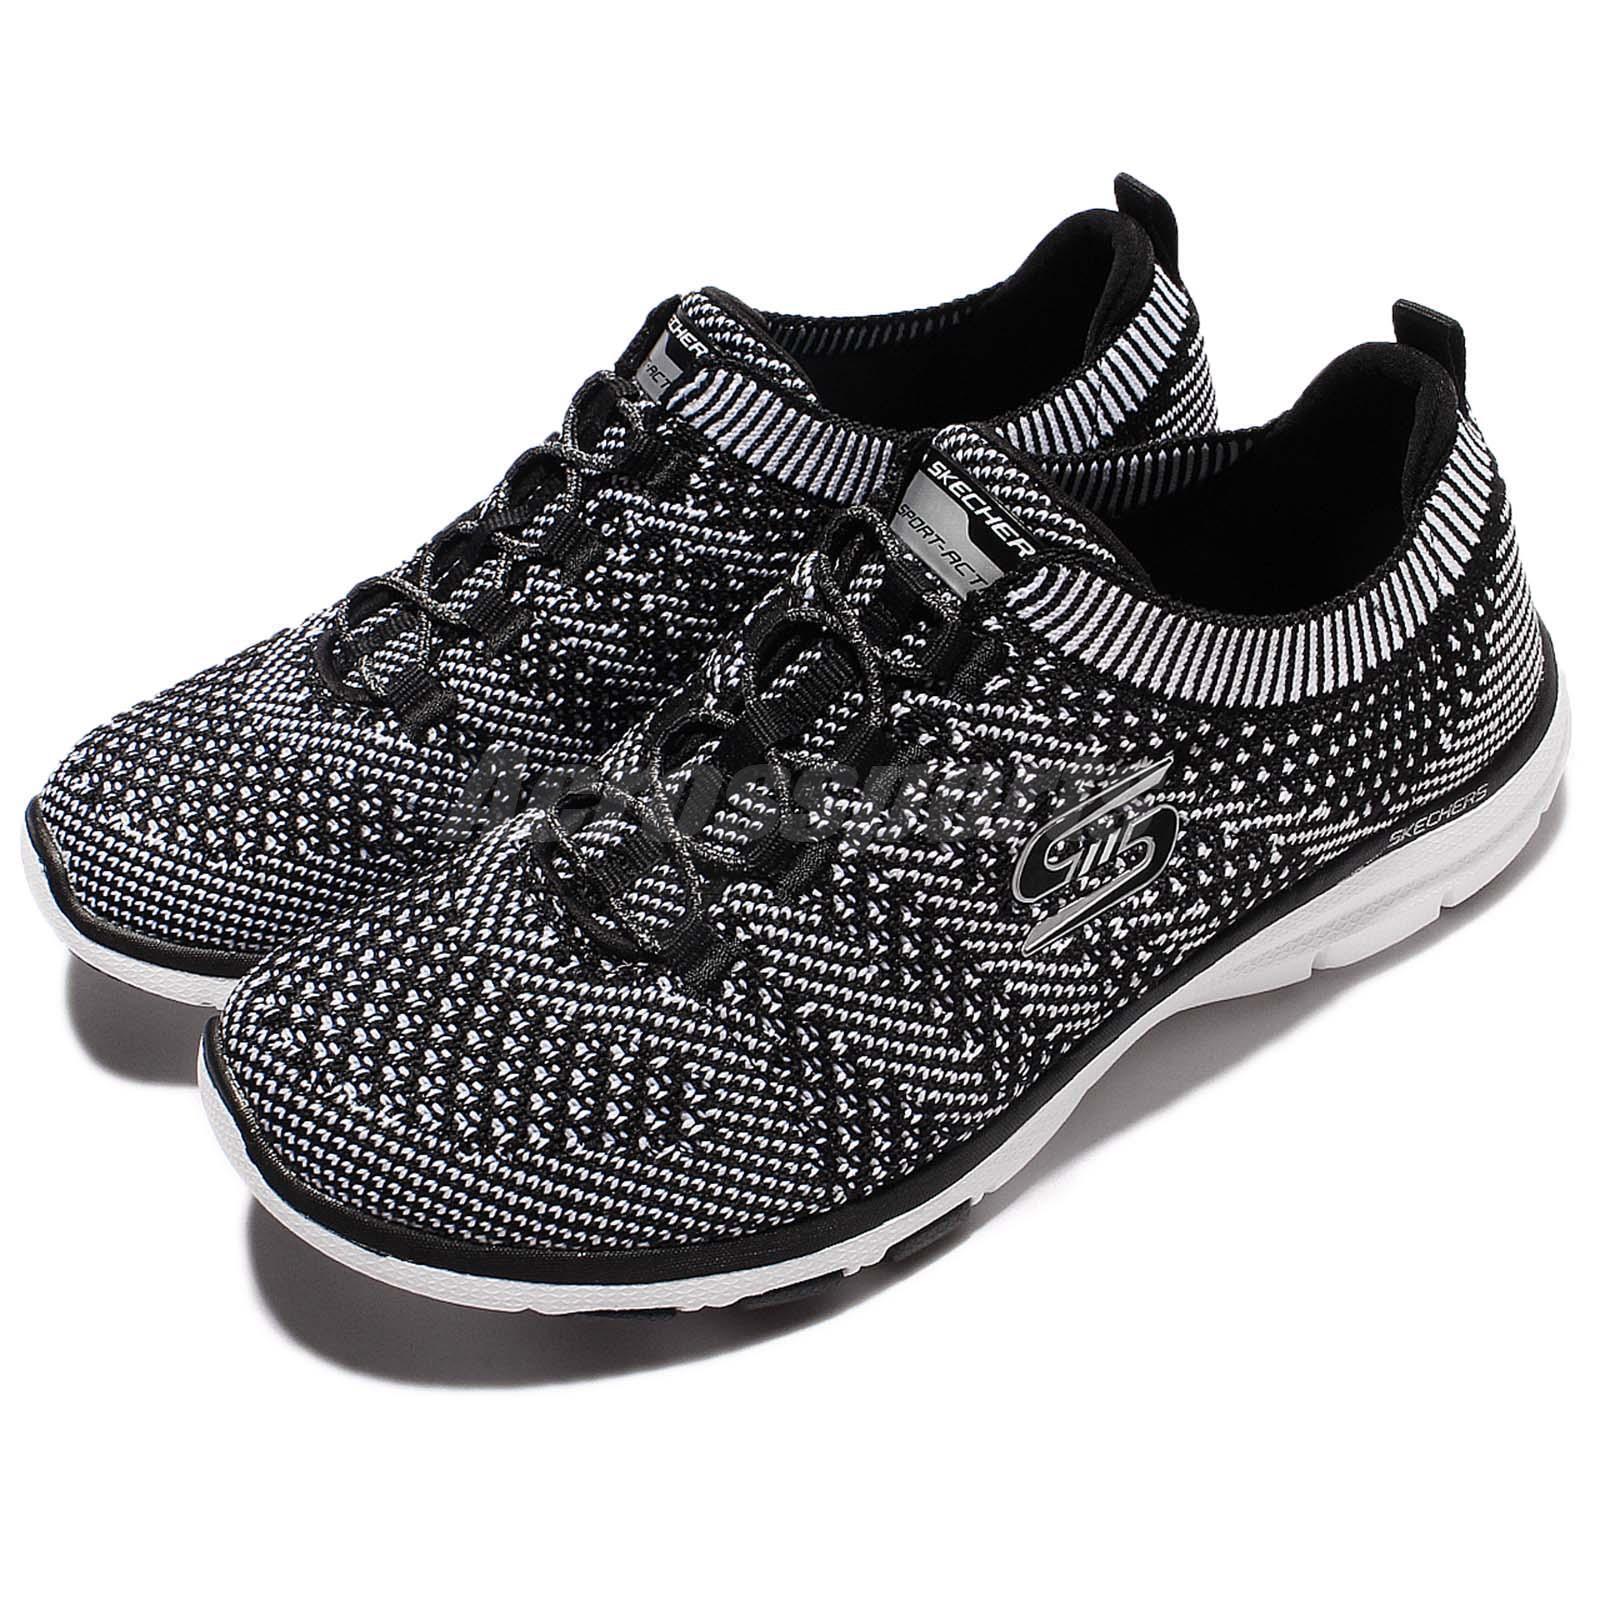 Skechers galaxias Mujer Reino Unido 5 Negro Espuma de memoria de Zapatos de Entrenamiento Gimnasia Deportes